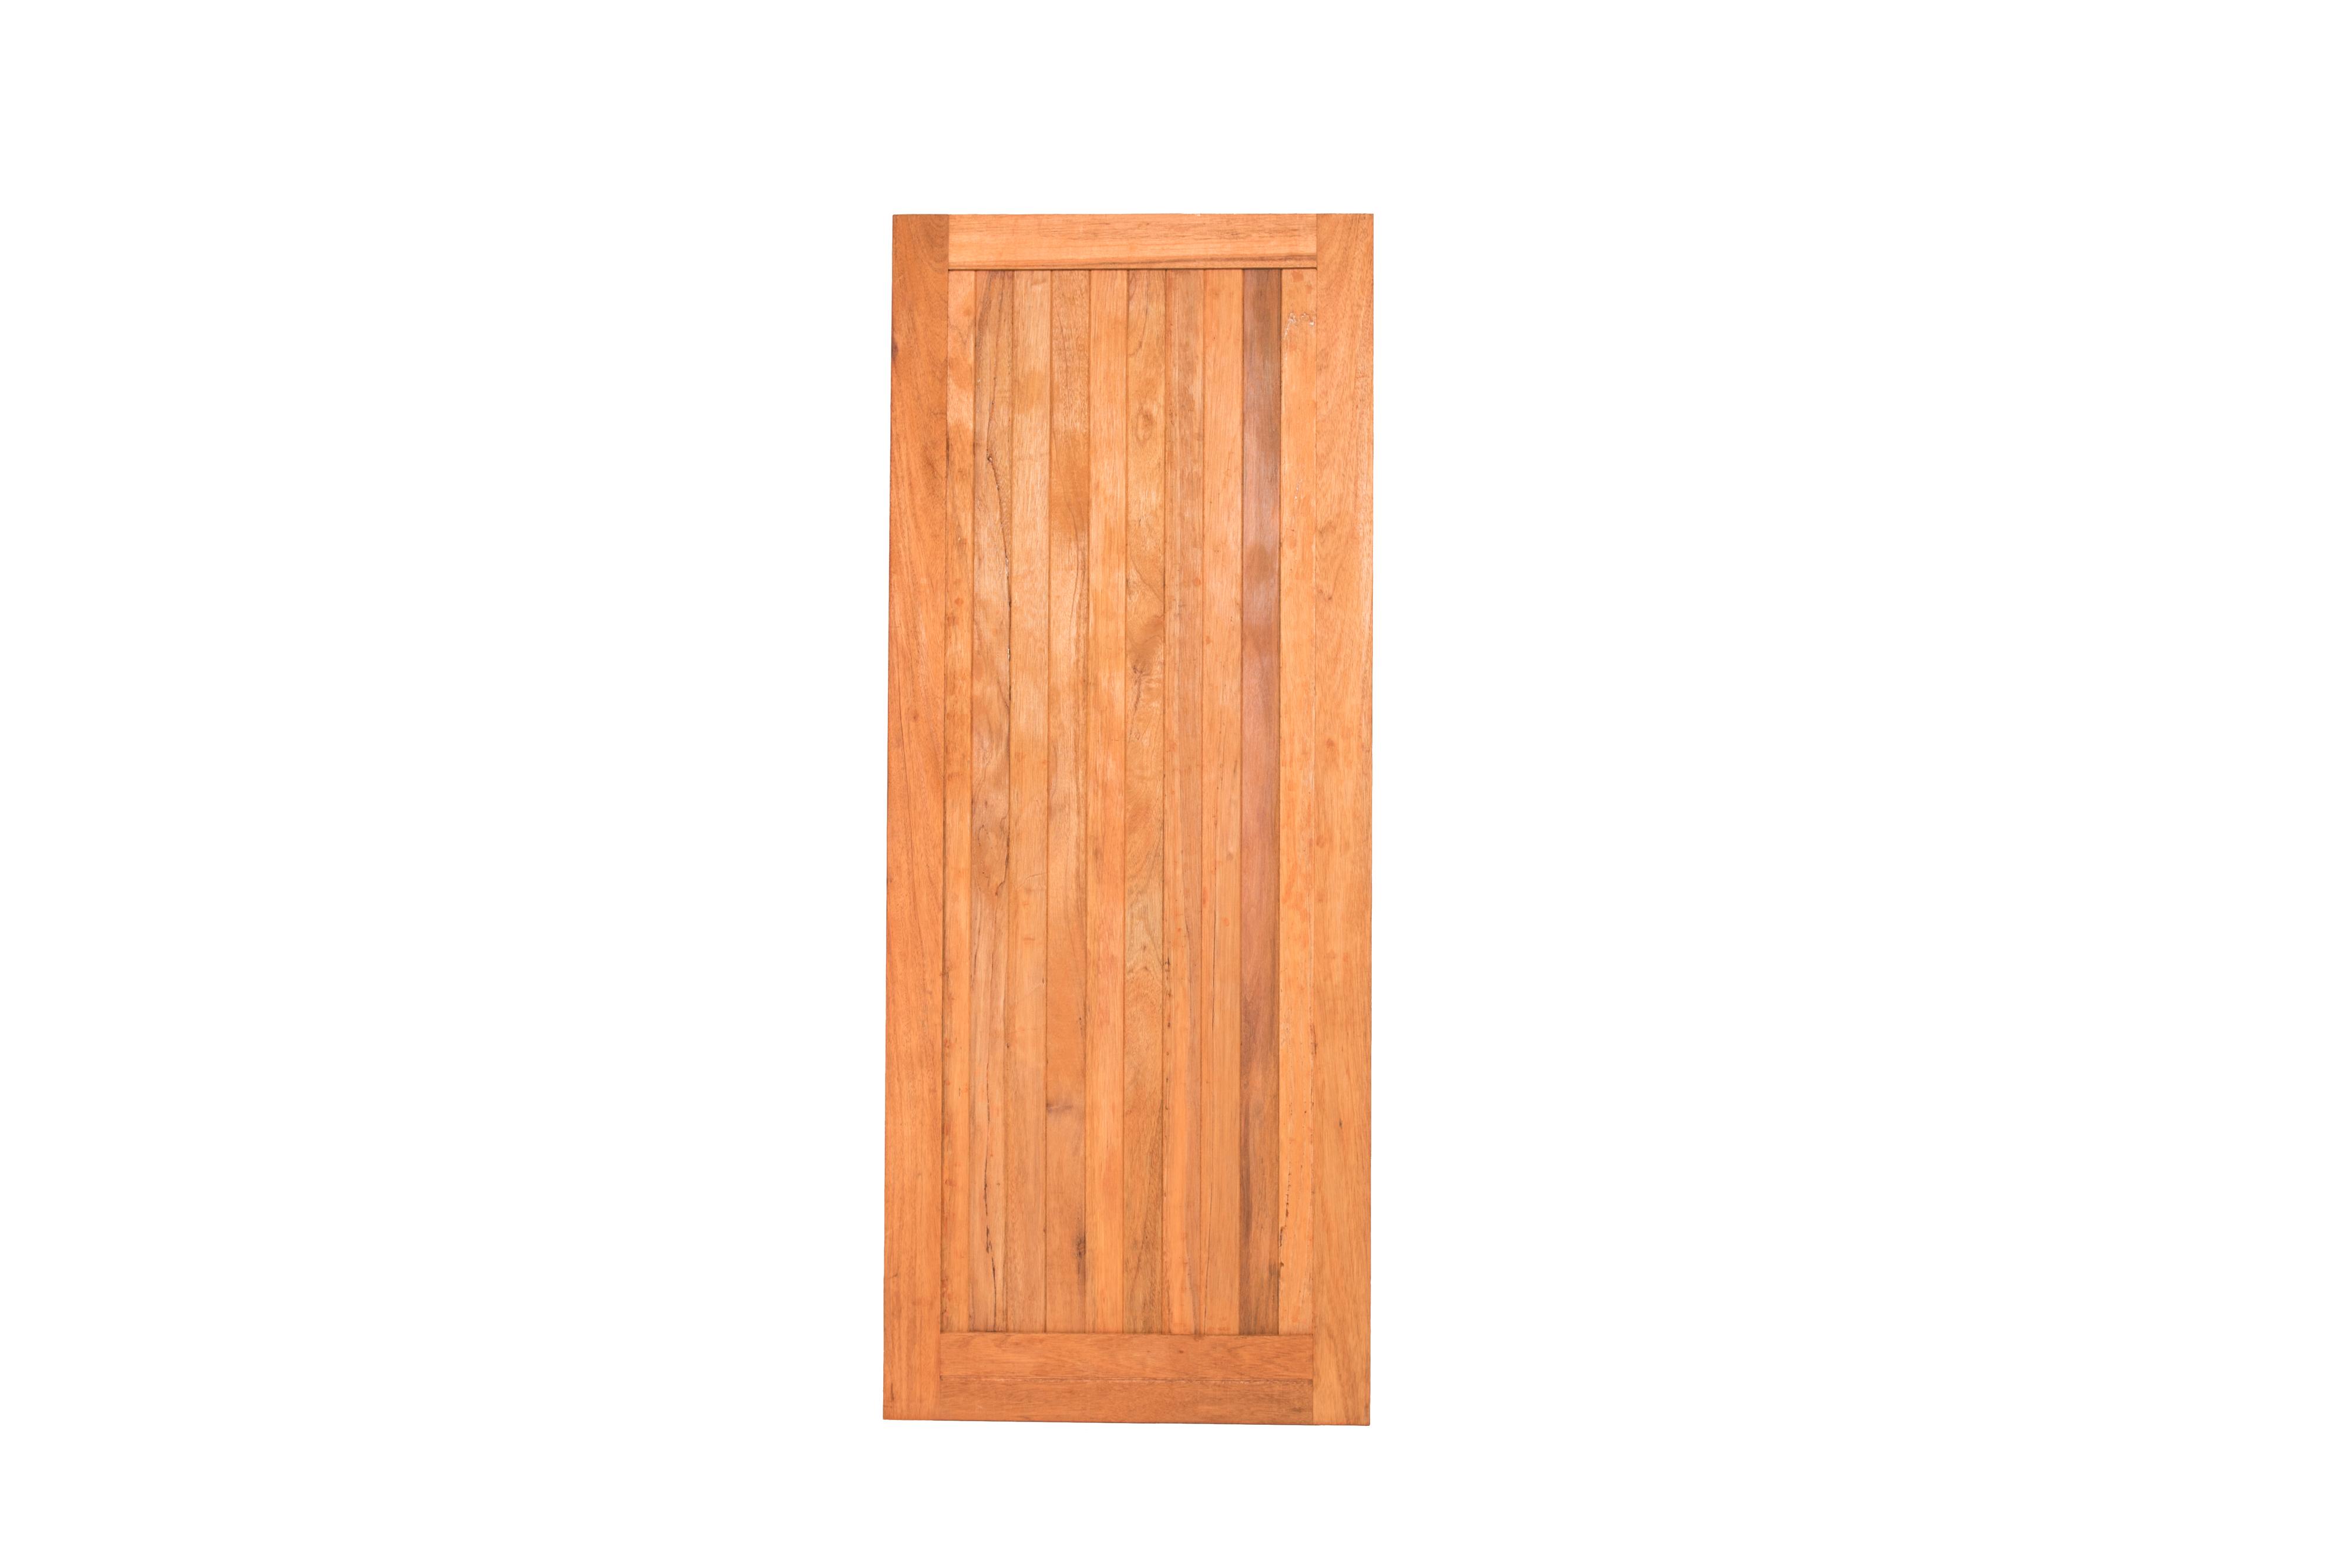 Flb Ply Back Stable Door Meranti Exterior Doors Mega Doors